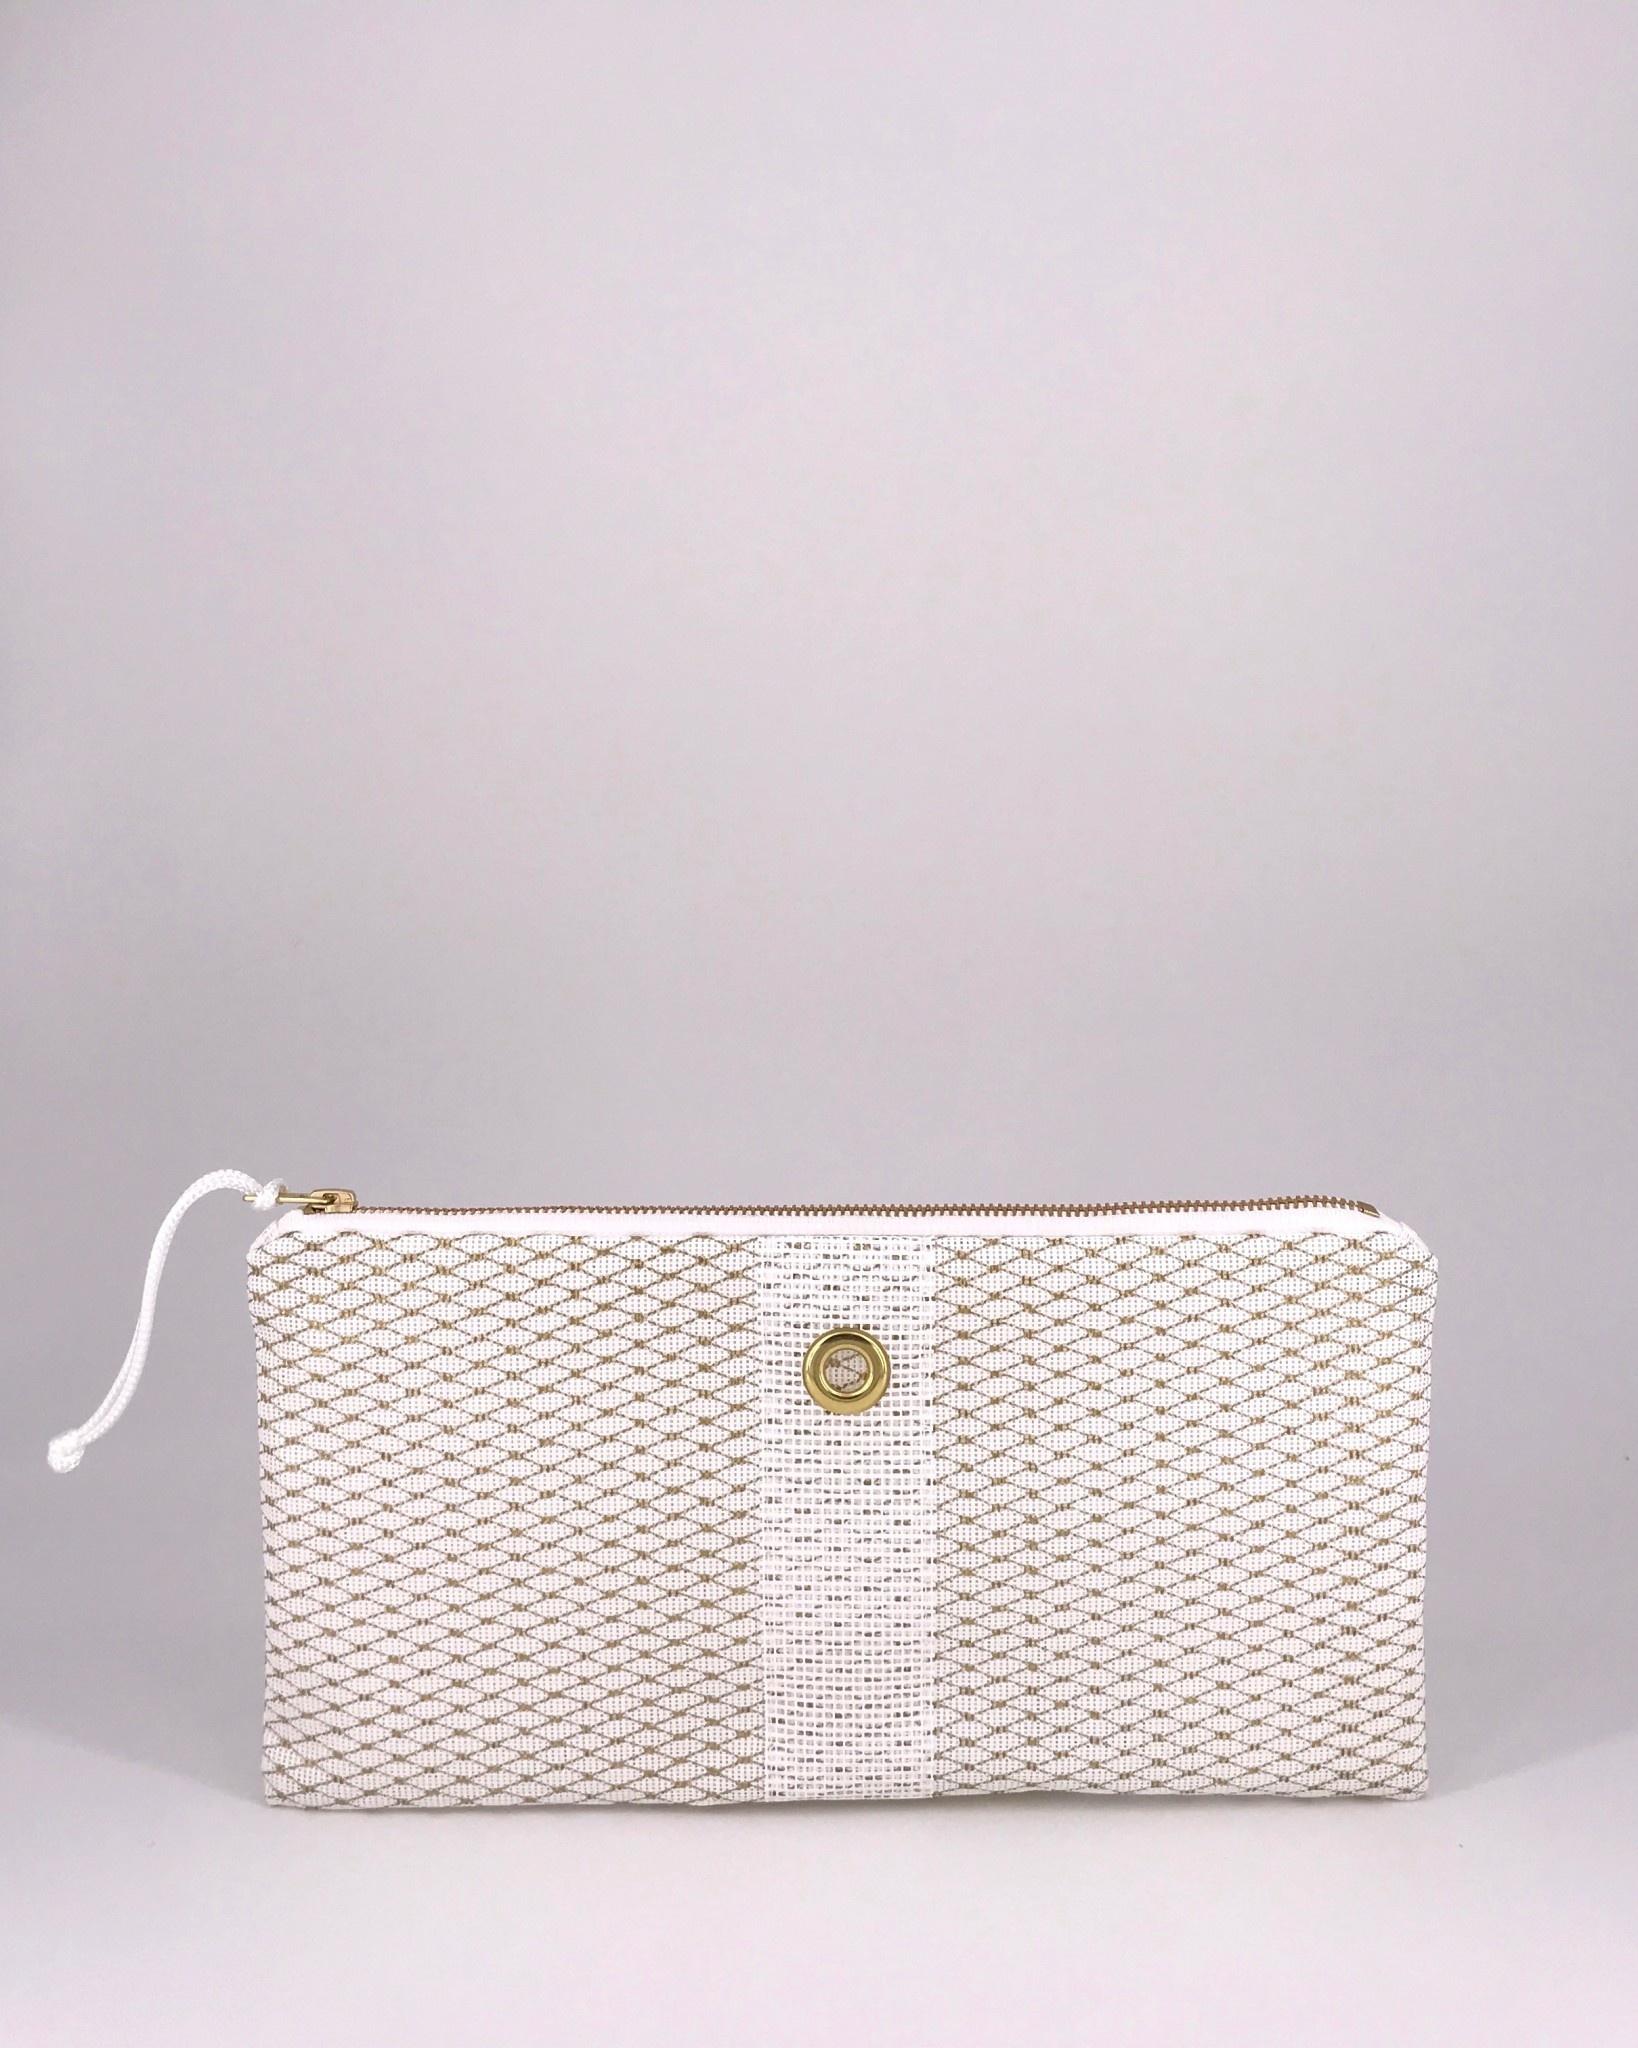 Alaina Marie ® Mini Gold Metallic on White & White Clutch